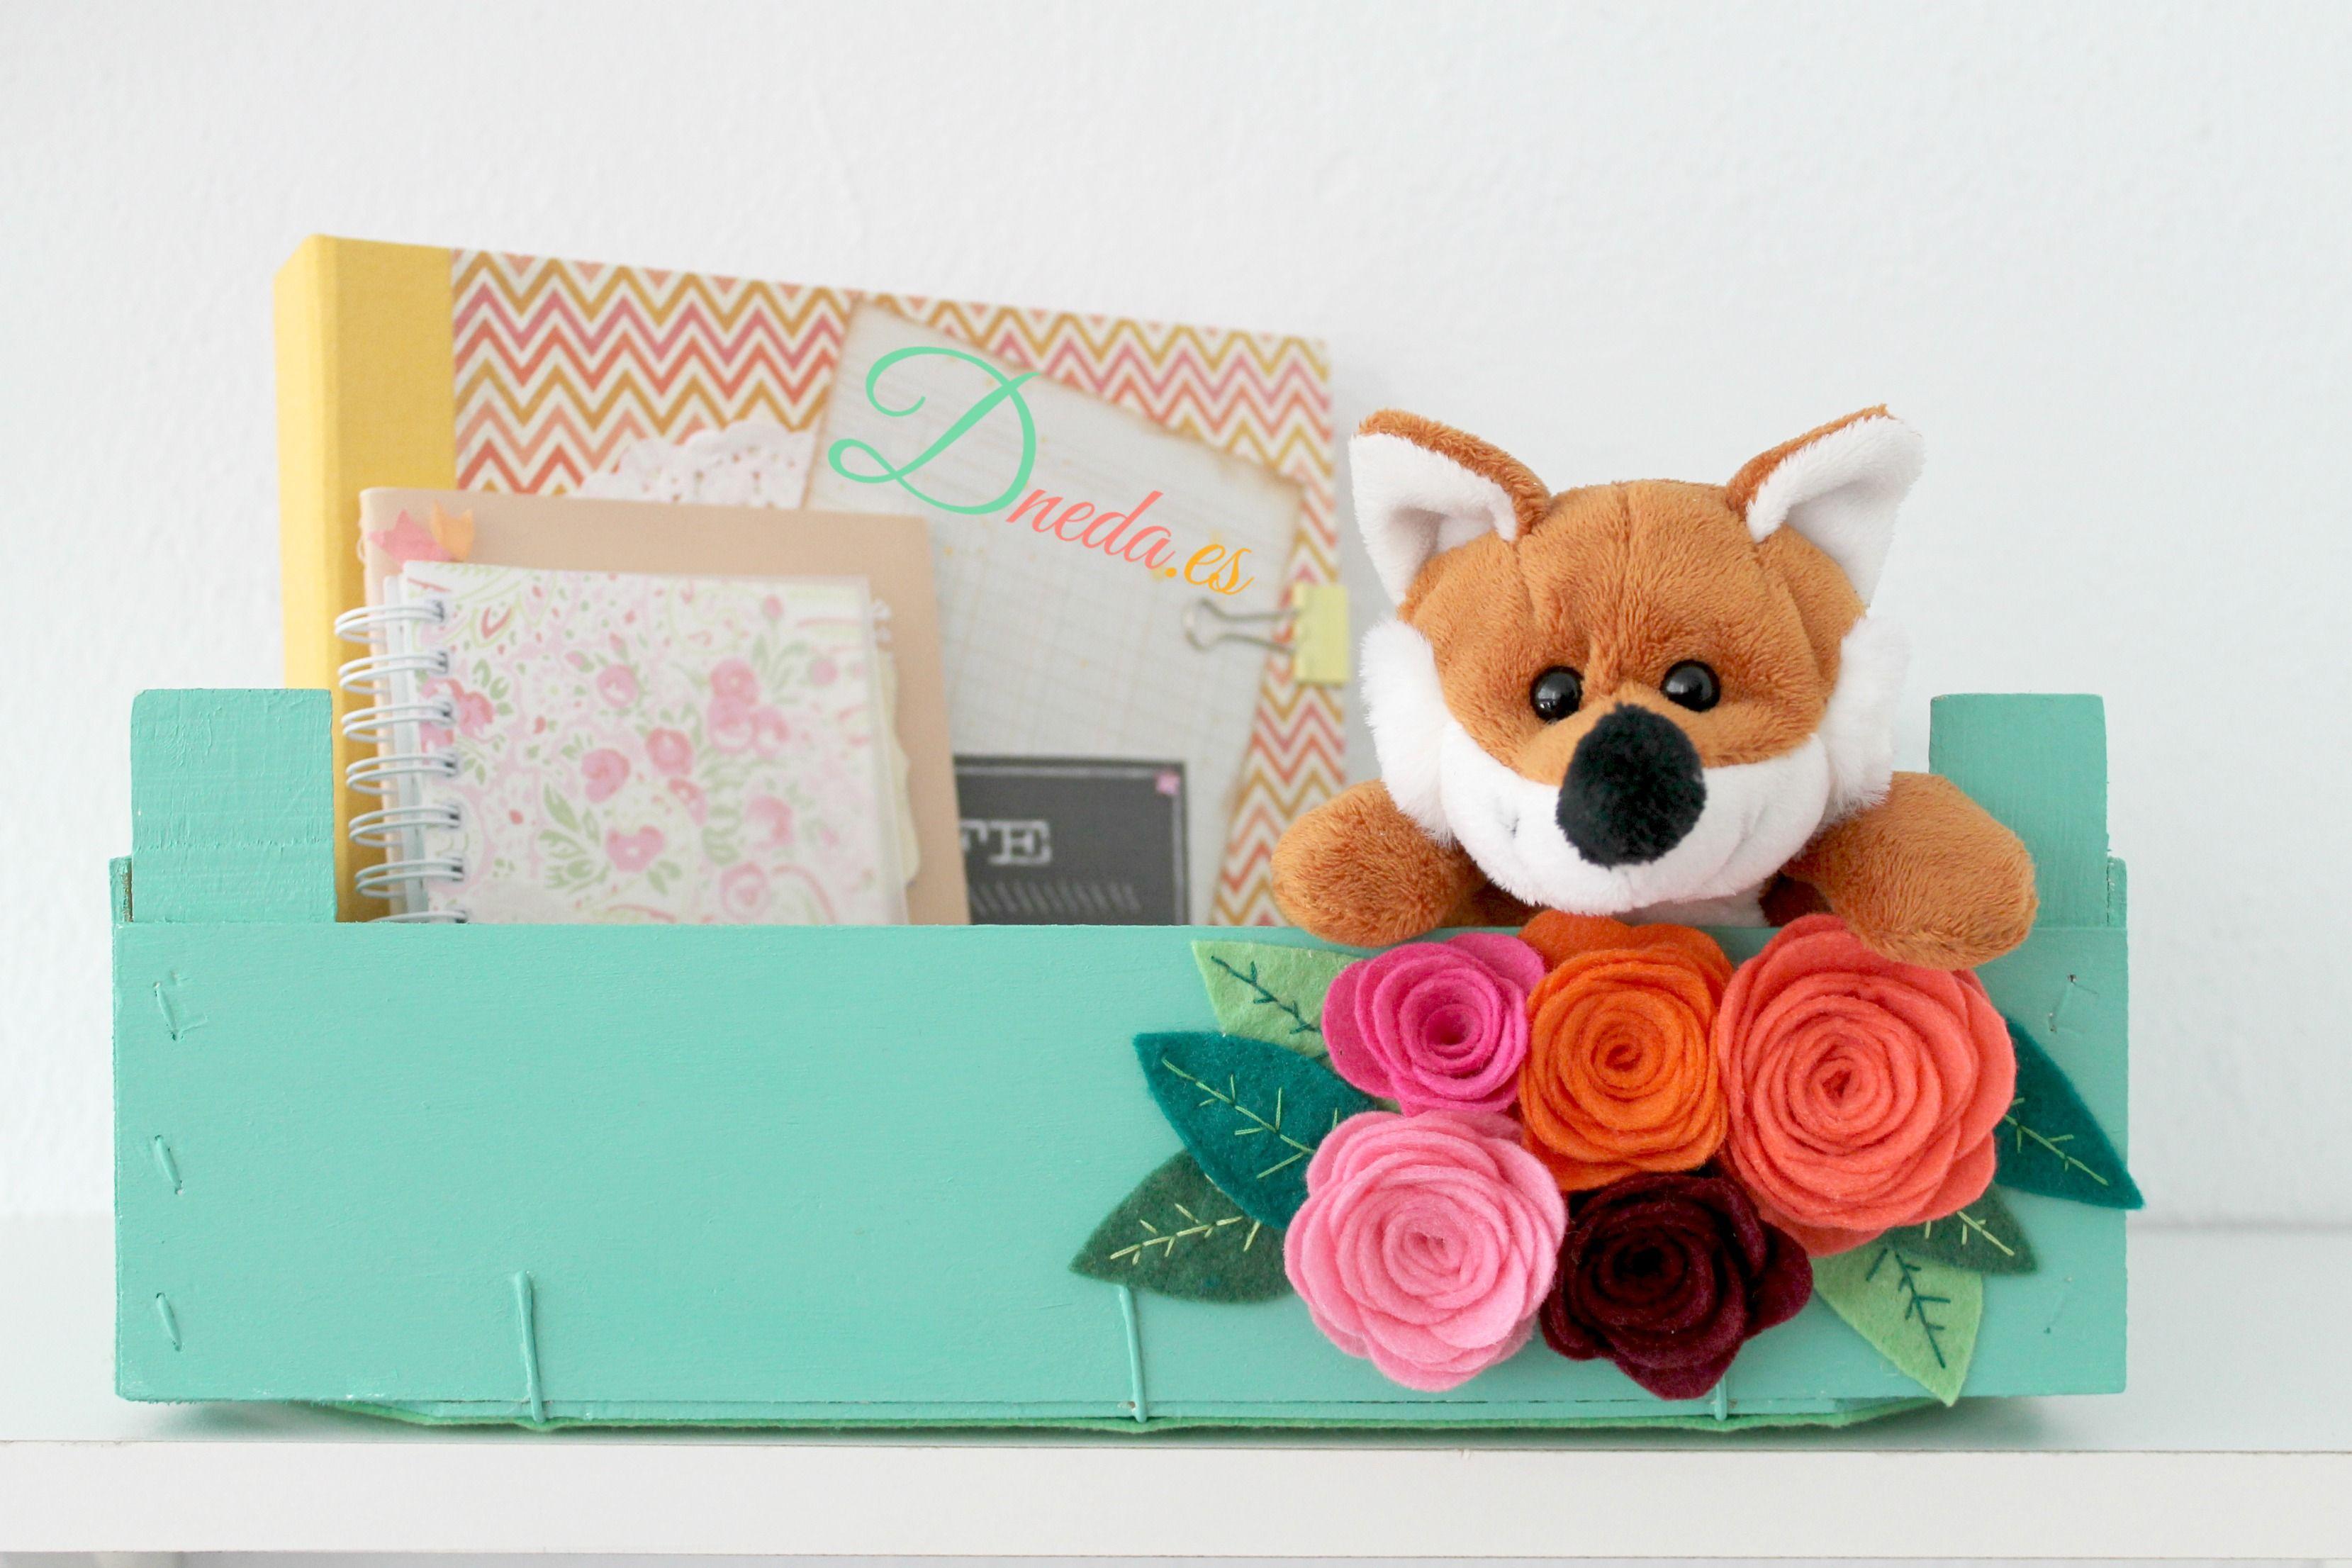 Pin de dneda en diy pinterest cajas de fruta caja de frutas decoradas y cajas - Decorar cajas de madera de frutas ...